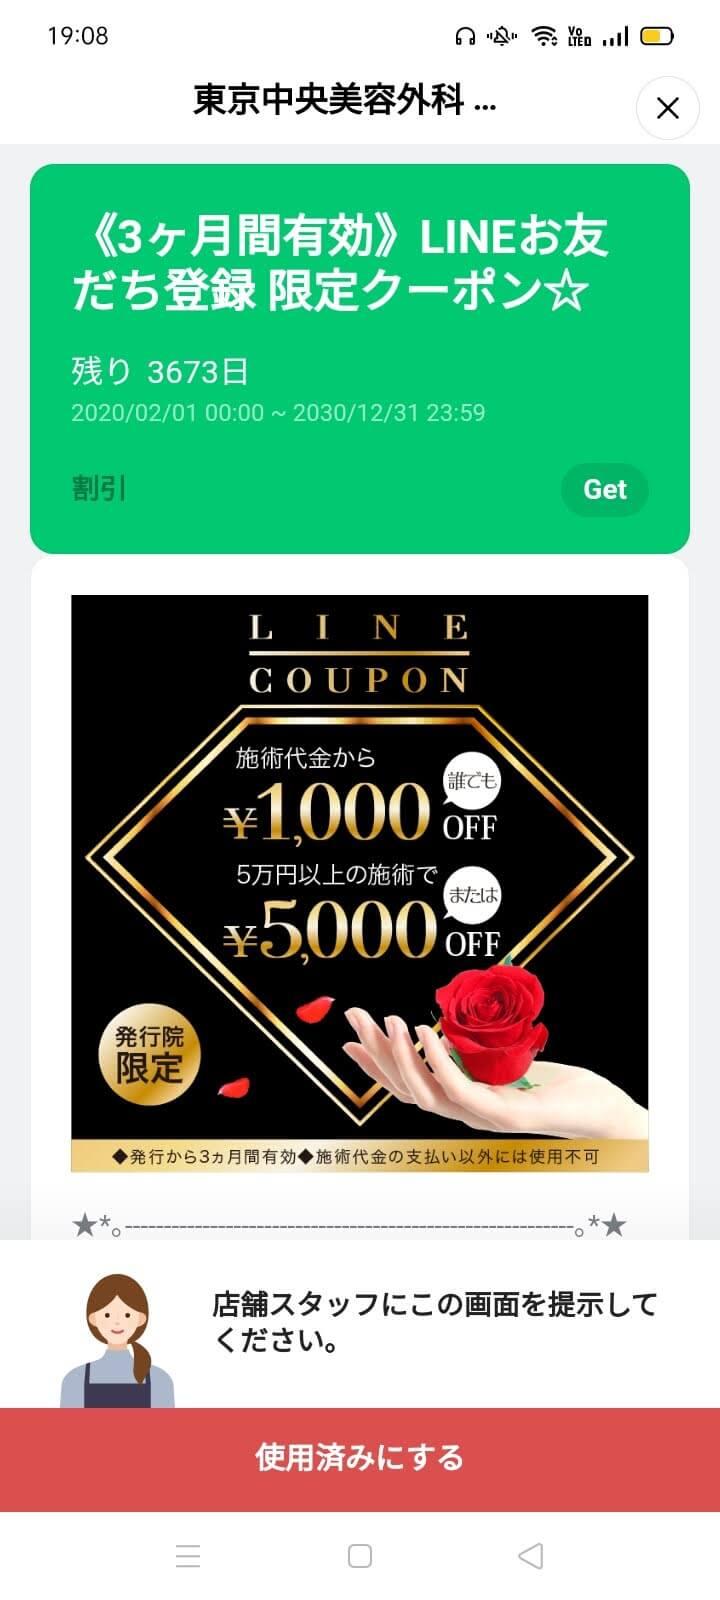 東京中央美容外科の5,000円割引クーポン